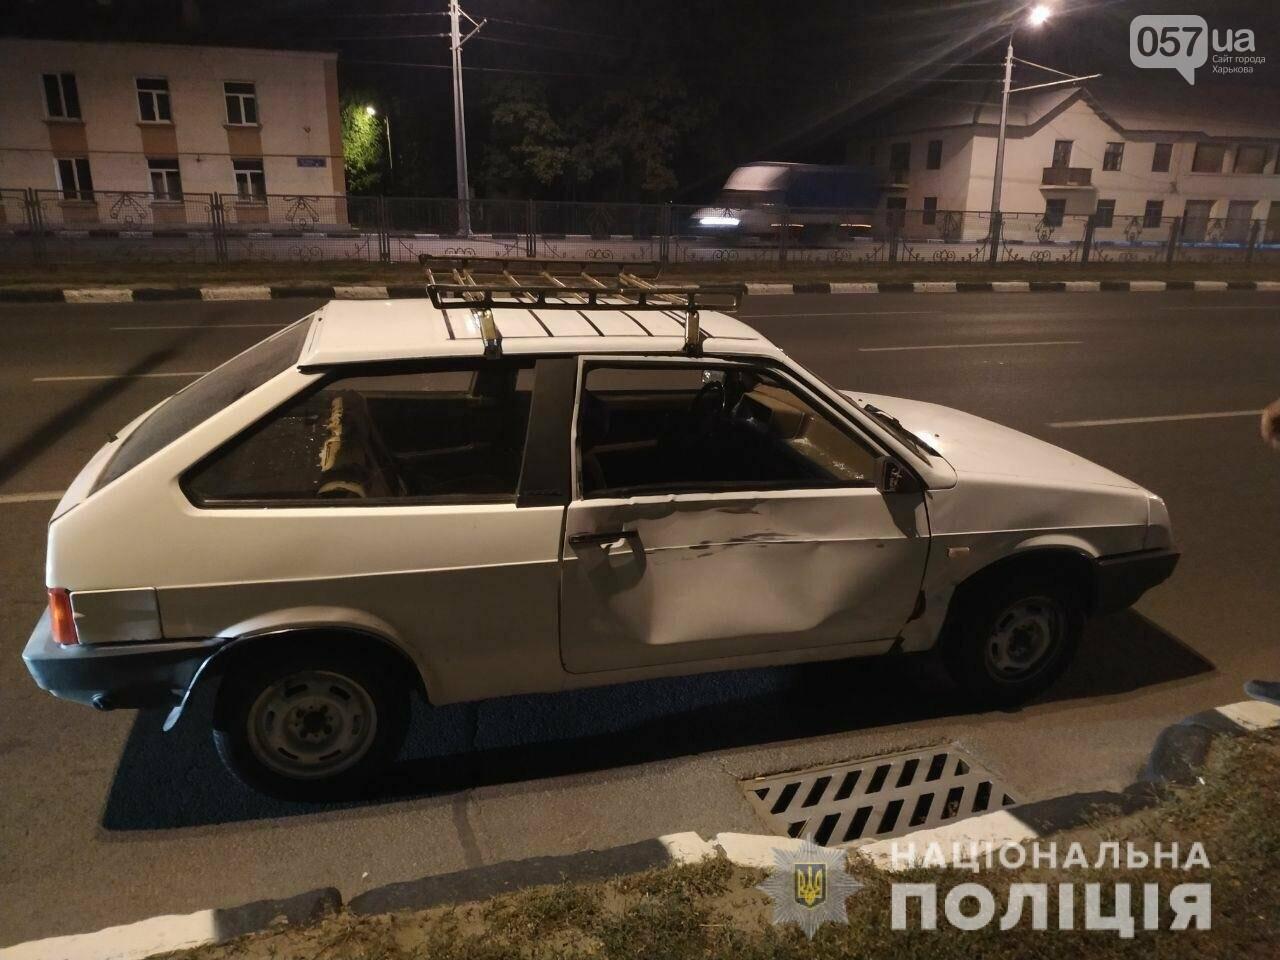 В Харькове «легковушка» насмерть сбила мужчину, - ФОТО, фото-1